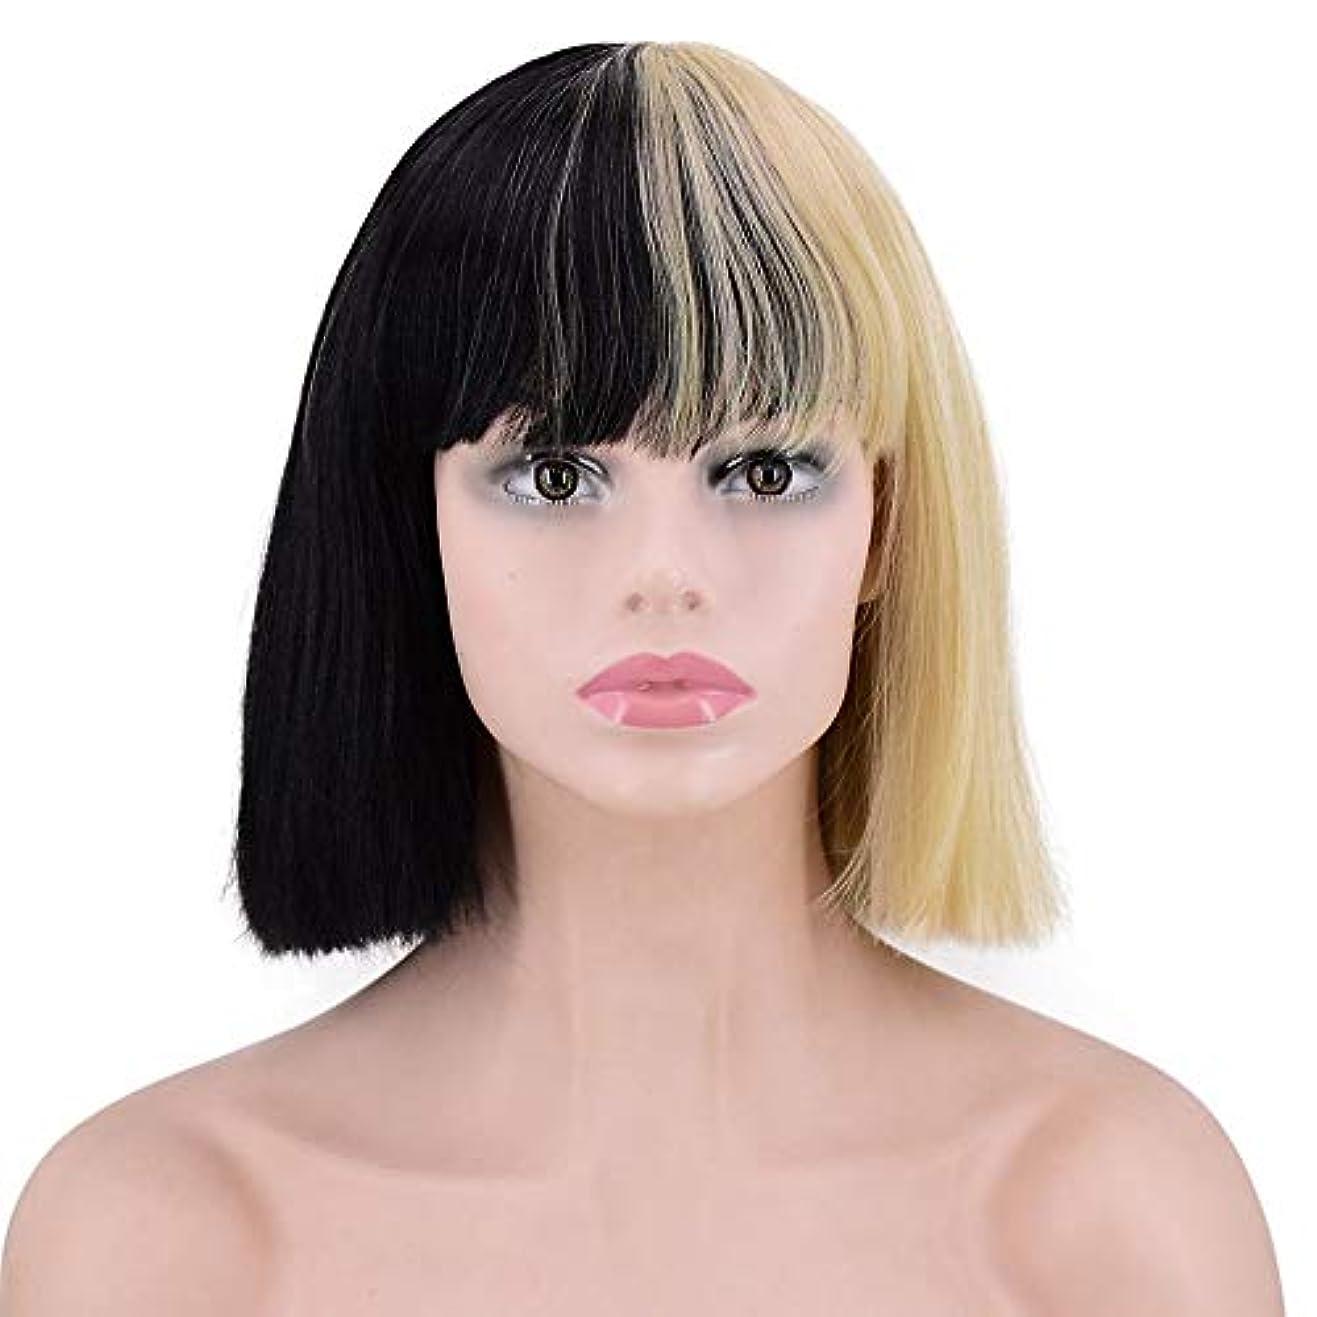 レイプドキドキ確認YOUQIU 女性の黒と白のふわふわショートストレート髪ボブ髪ほうき頭コスプレウィッグウィッグ (色 : Black/gold)